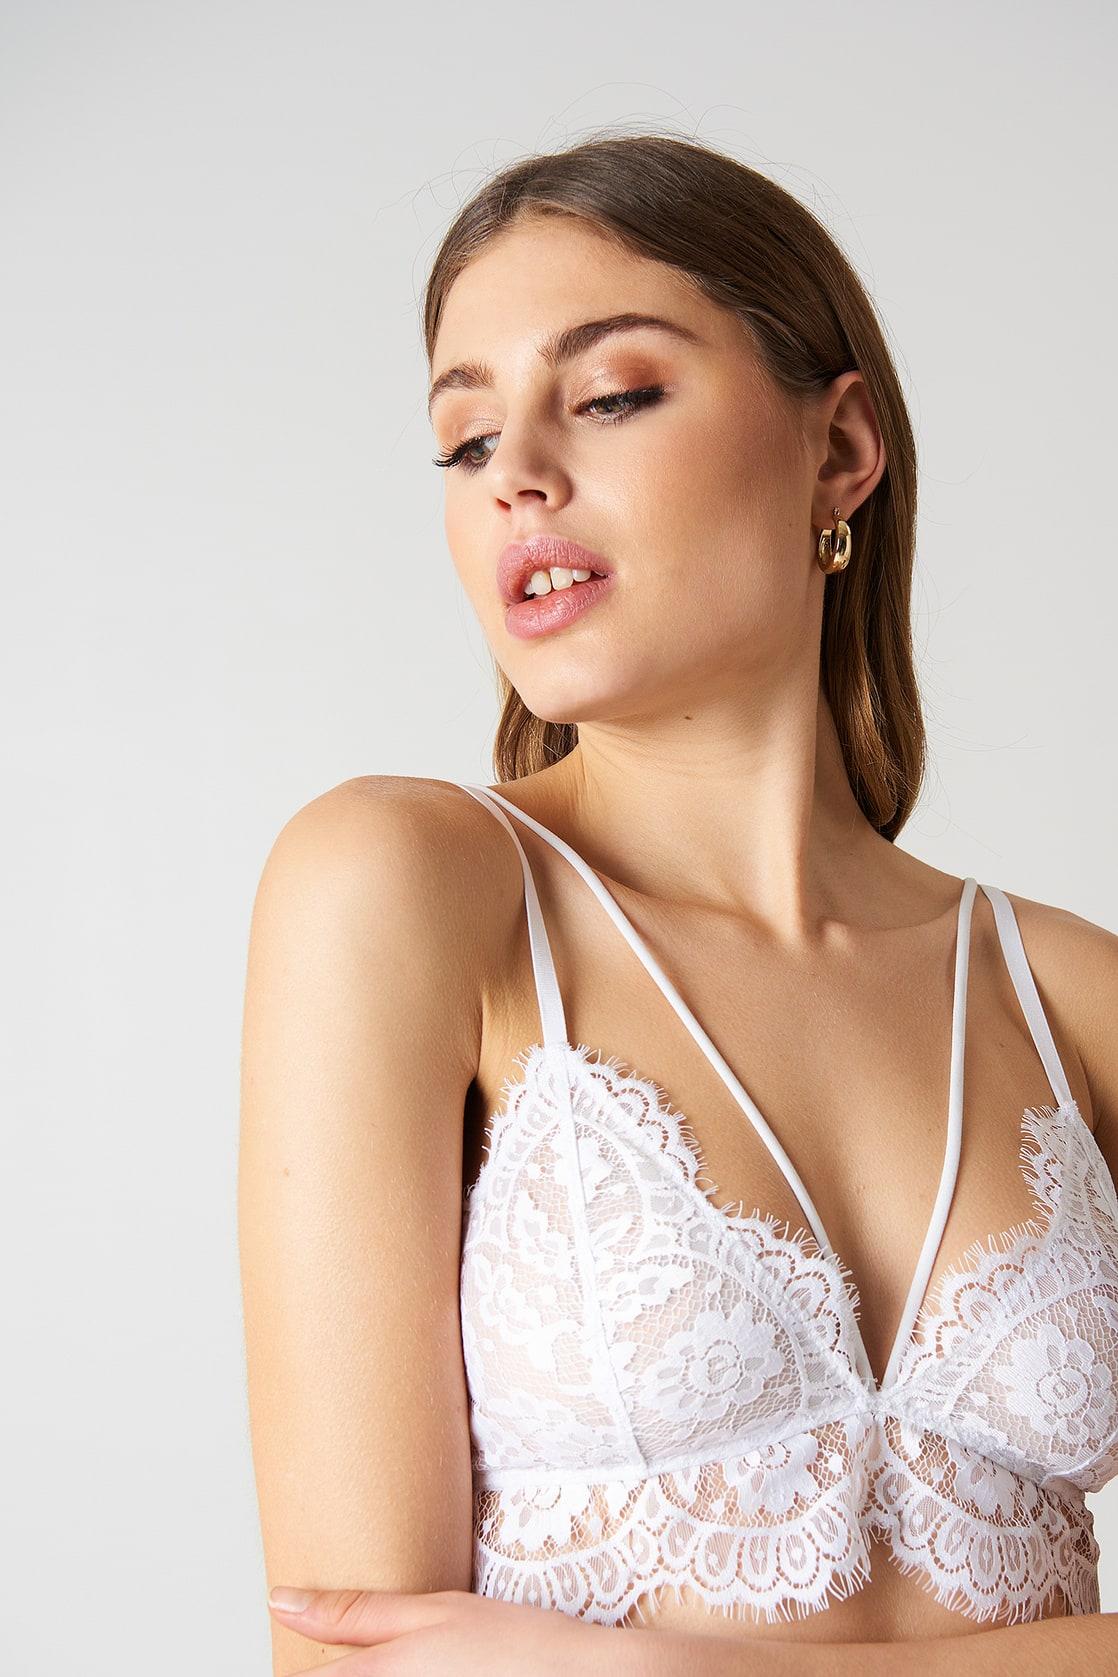 Maja Krag naked (69 fotos), pics Selfie, iCloud, cleavage 2017